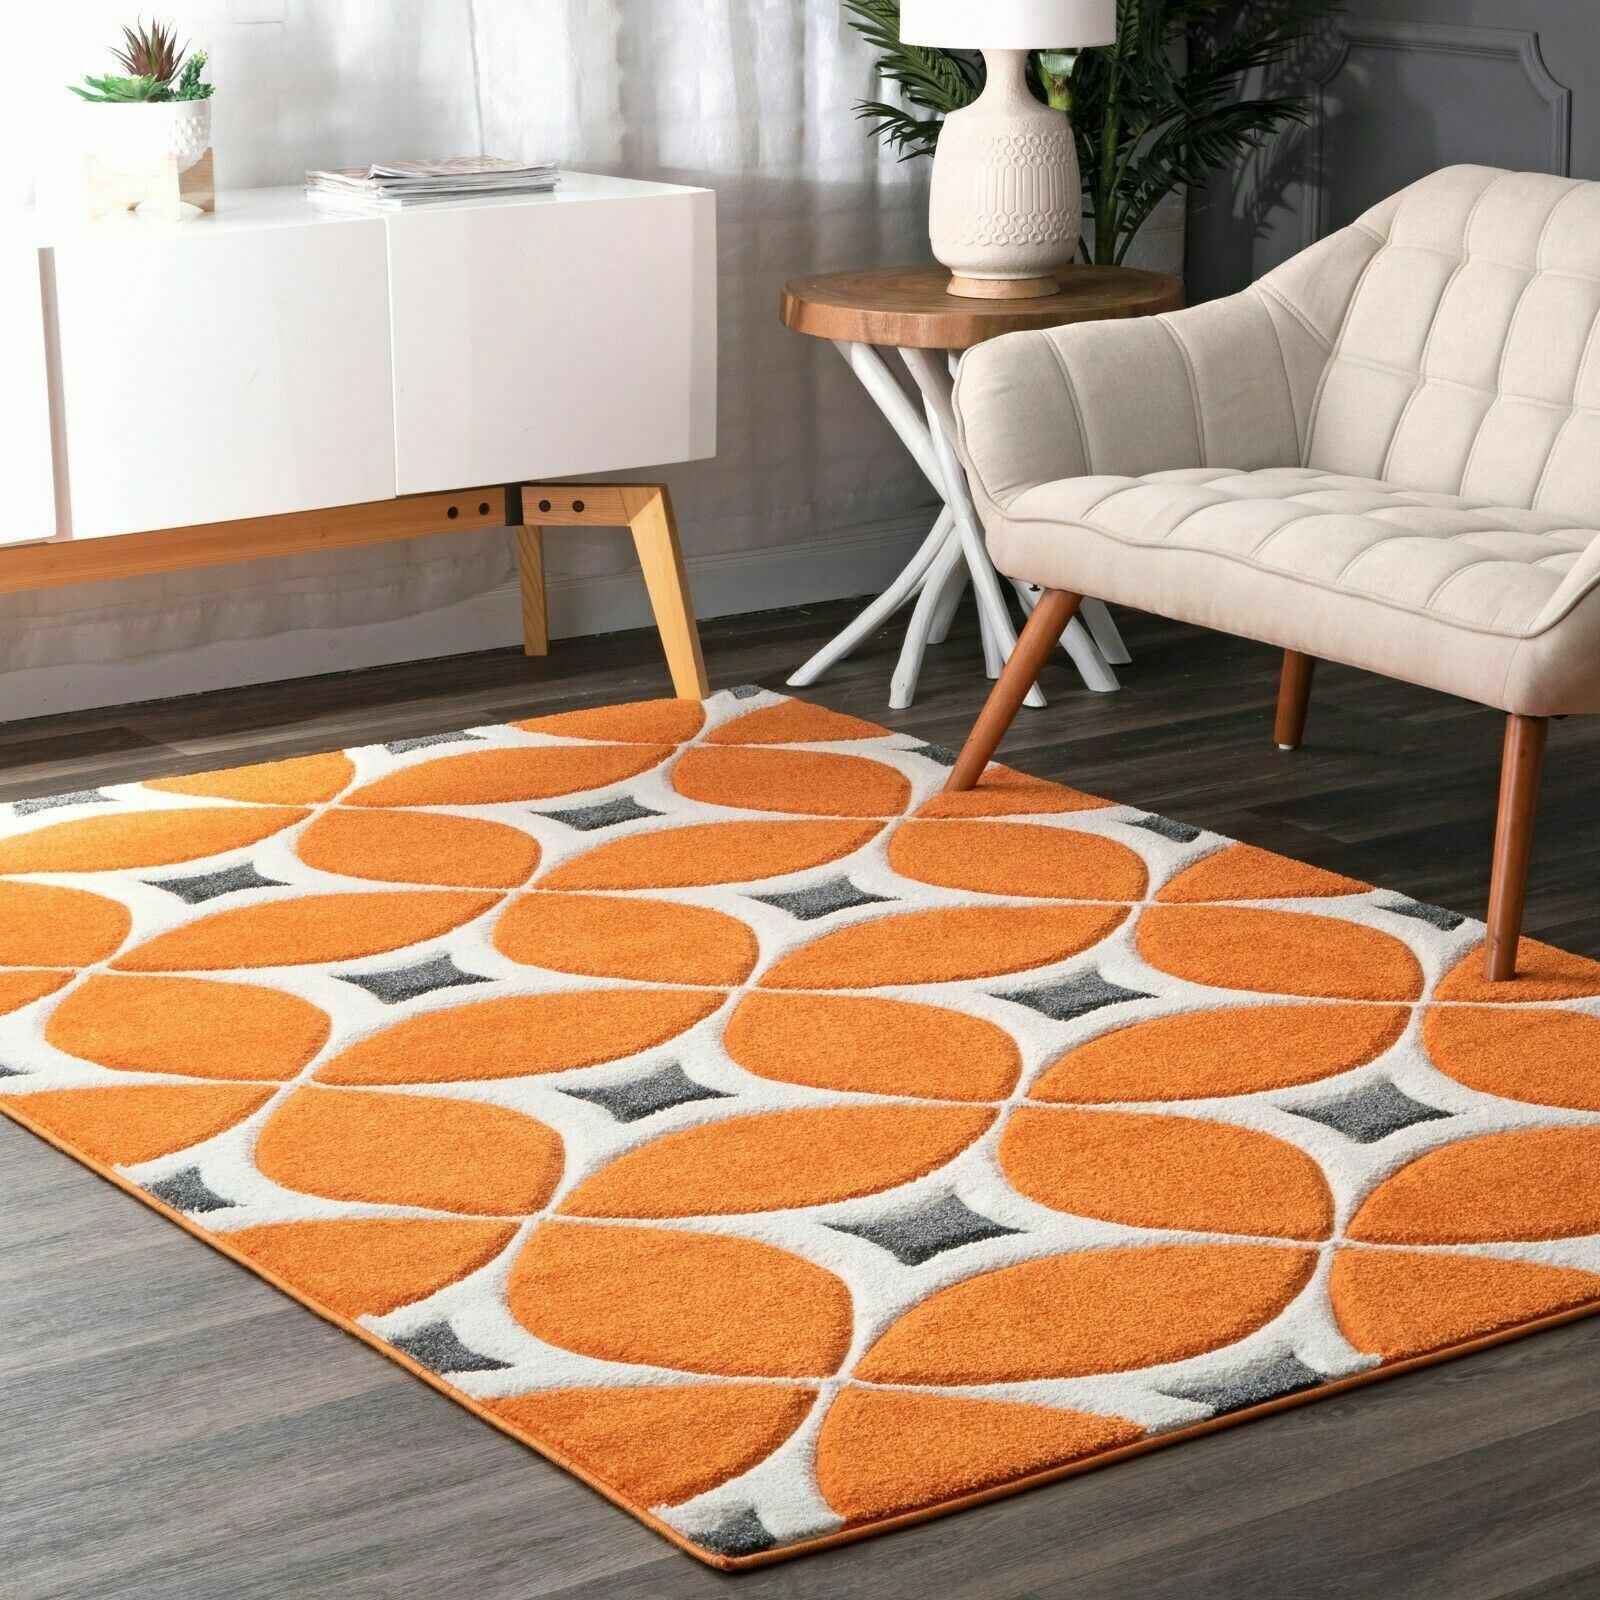 Nuloom Bhbc55a Hand Tufted Gabriela Area Rug 2 X 3 Deep Orange For Sale Online Ebay